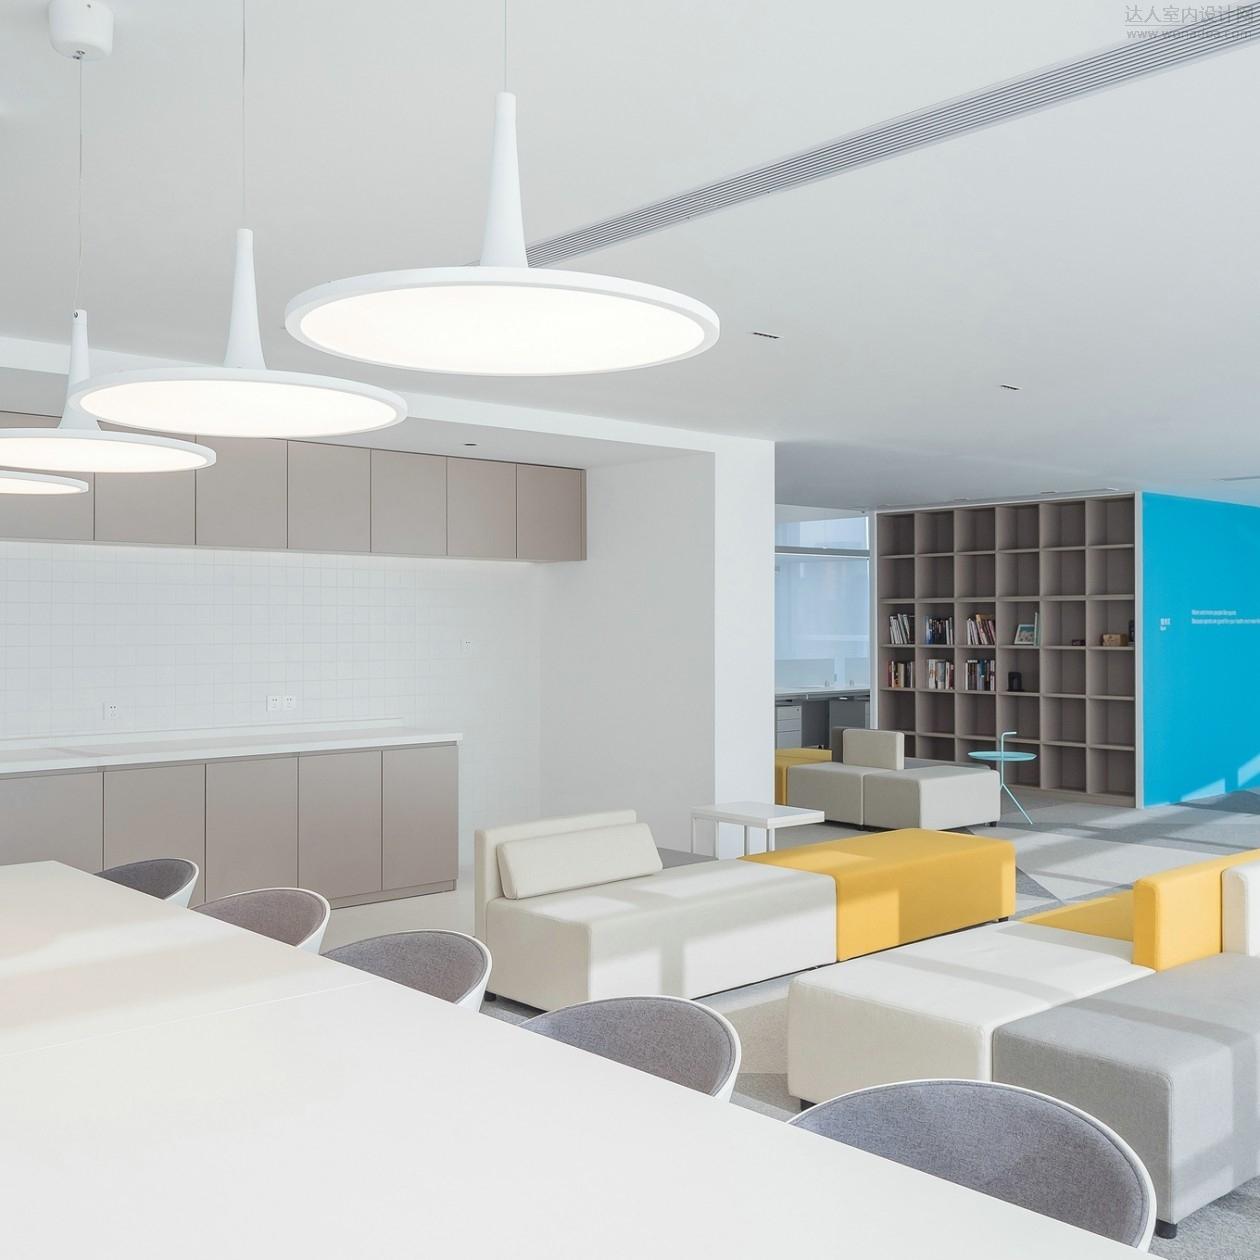 一乘建筑--海链科技总部办公室